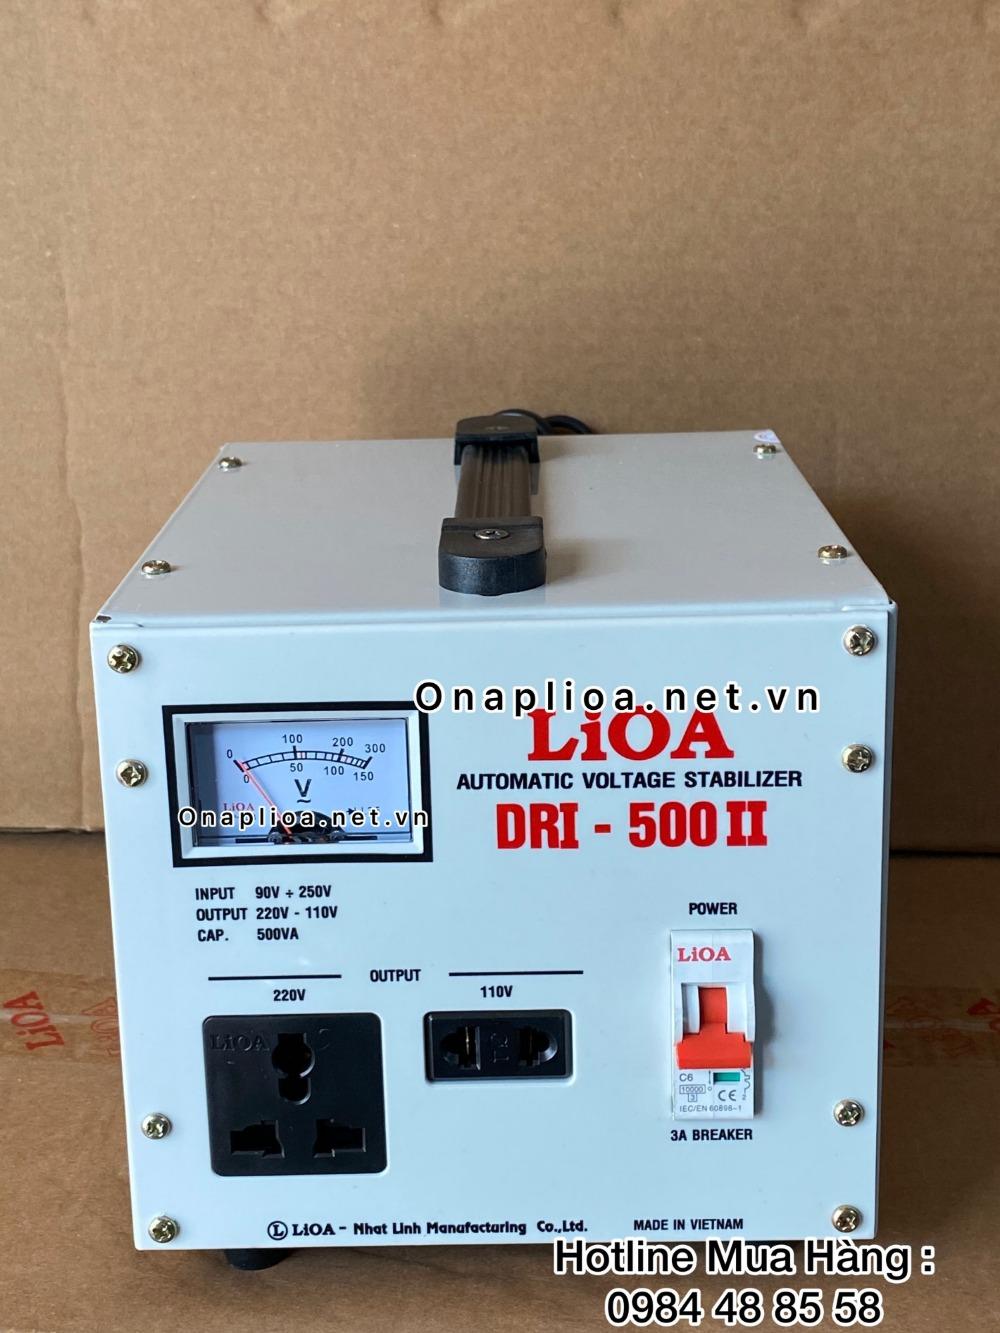 ổn áp lioa DRI-500II